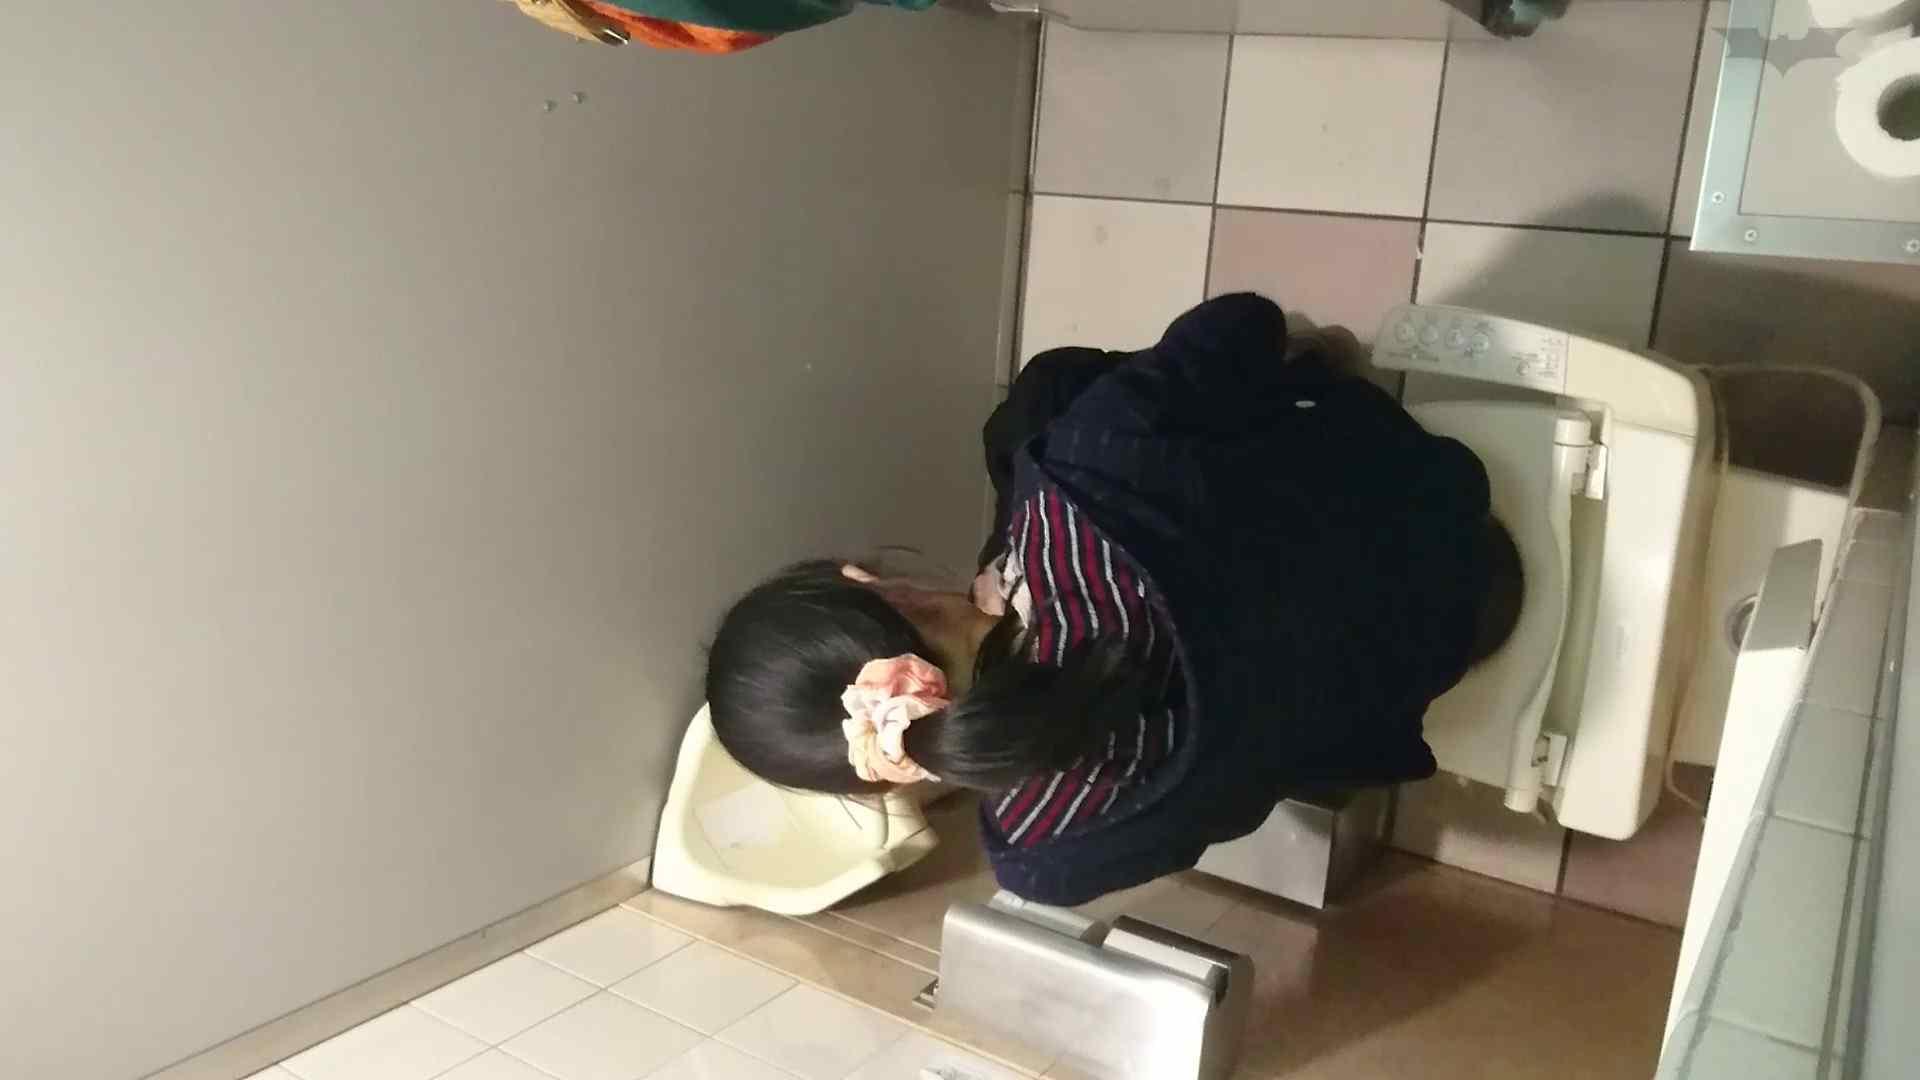 化粧室絵巻 ショッピングモール編 VOL.18 美肌  79PIX 34